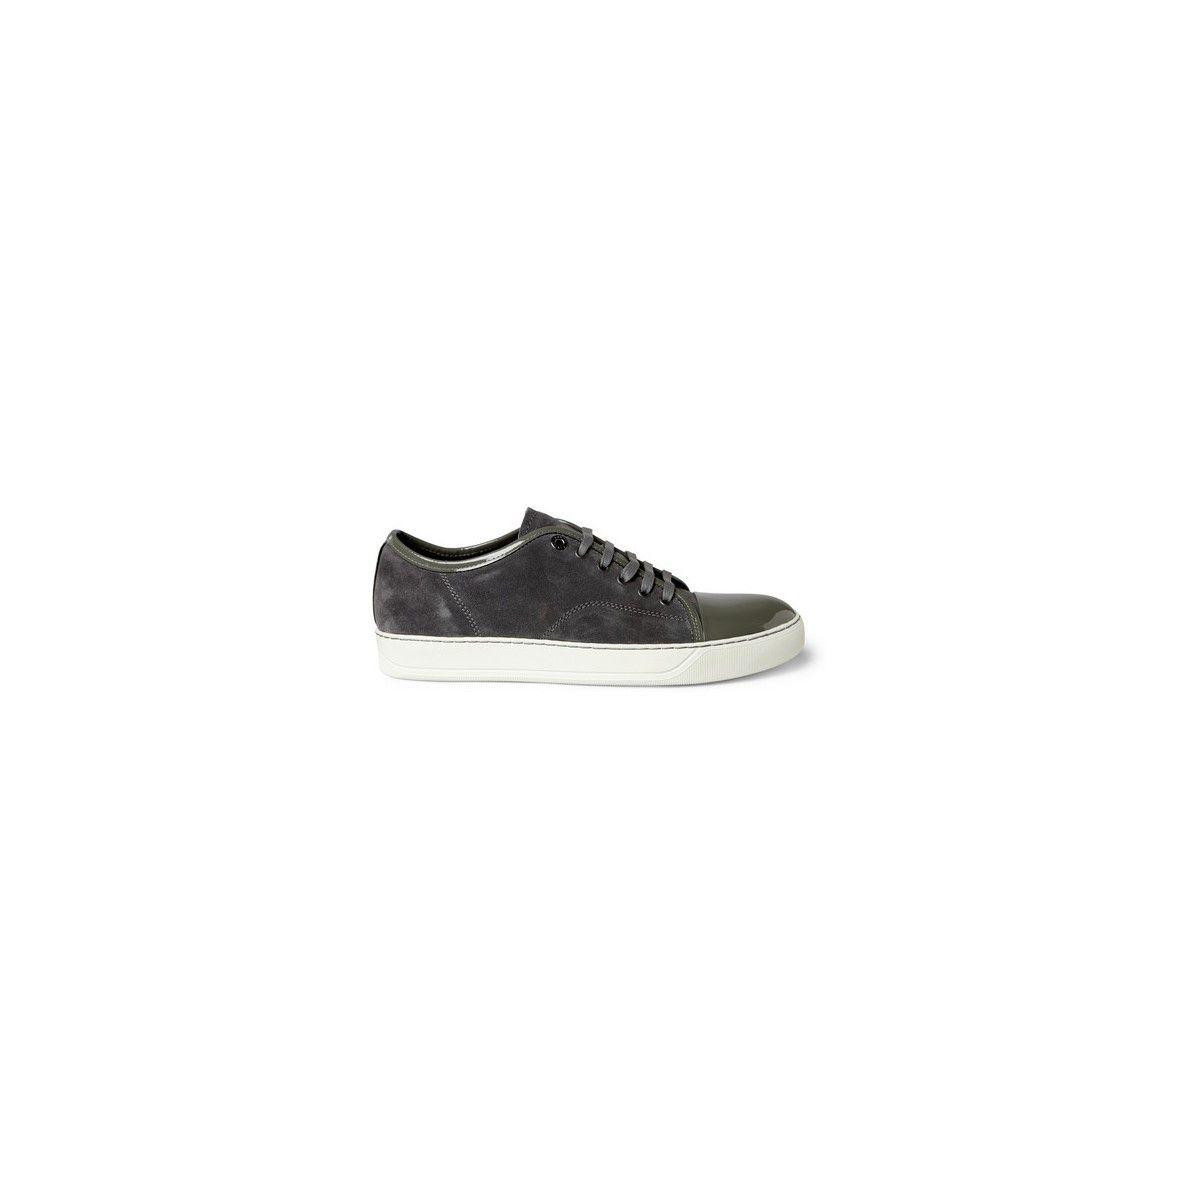 Les sneaker Lanvin, sont des baskets, incontournable pour avoir un style, chic en jean ou en short